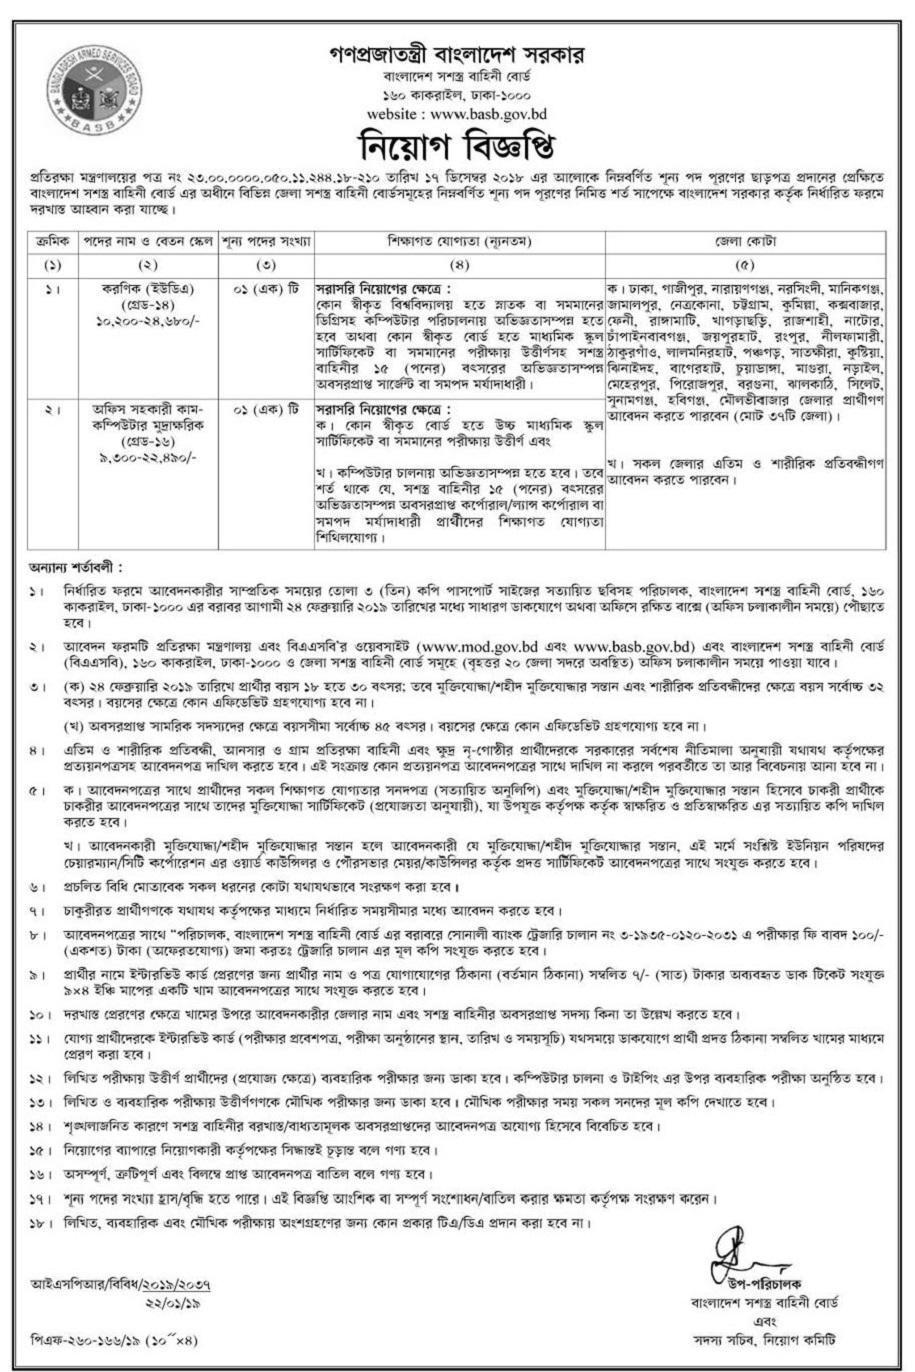 Bangladesh Armed Forces Board Job Circular 201